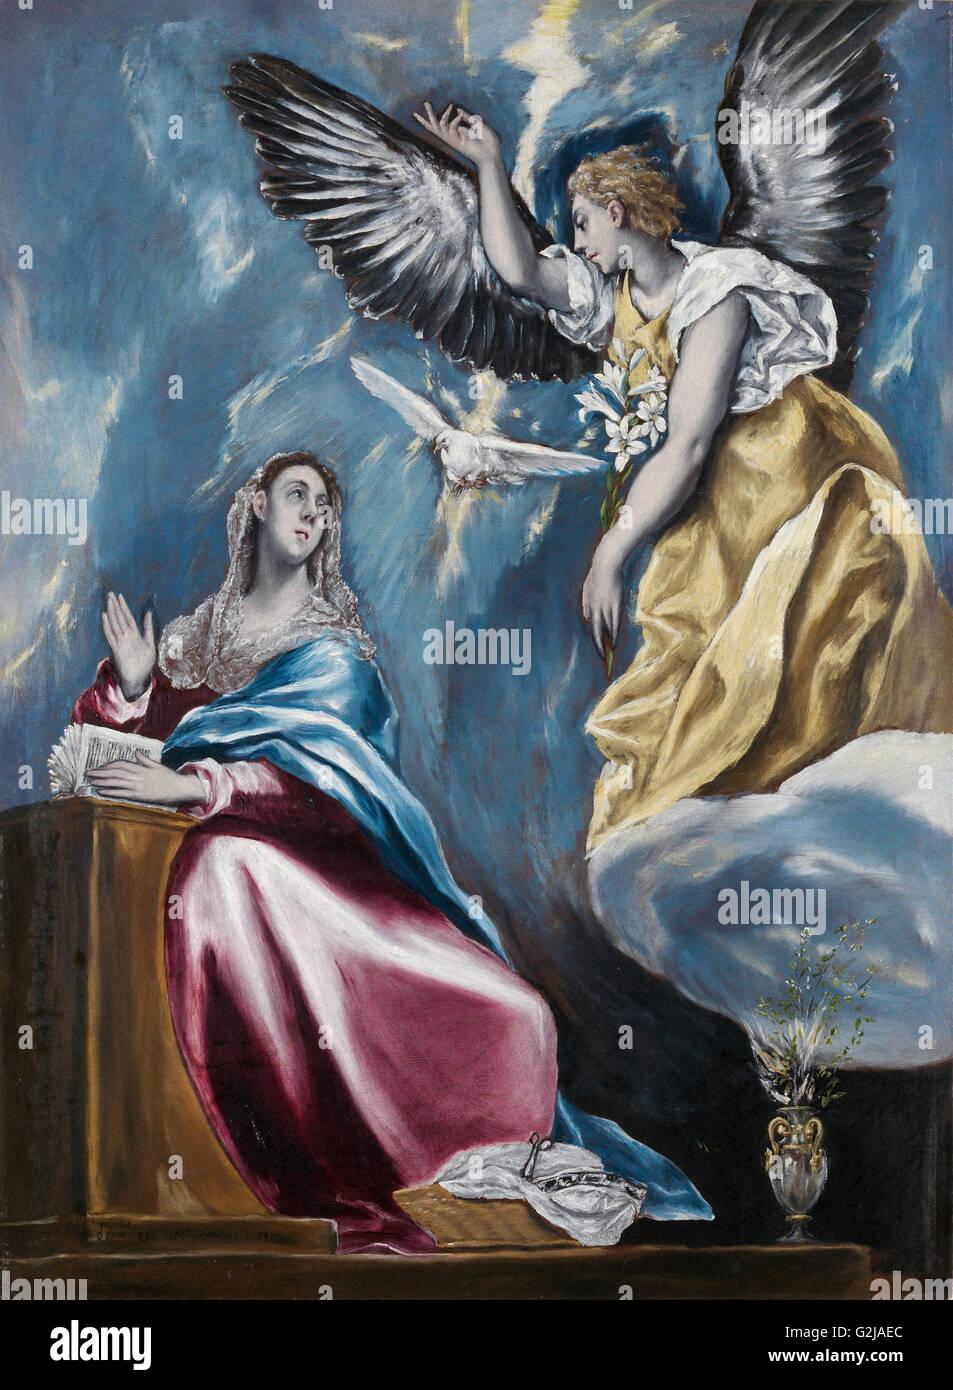 El Greco - l'Annonciation - Musée des beaux-arts, Budapest Photo Stock